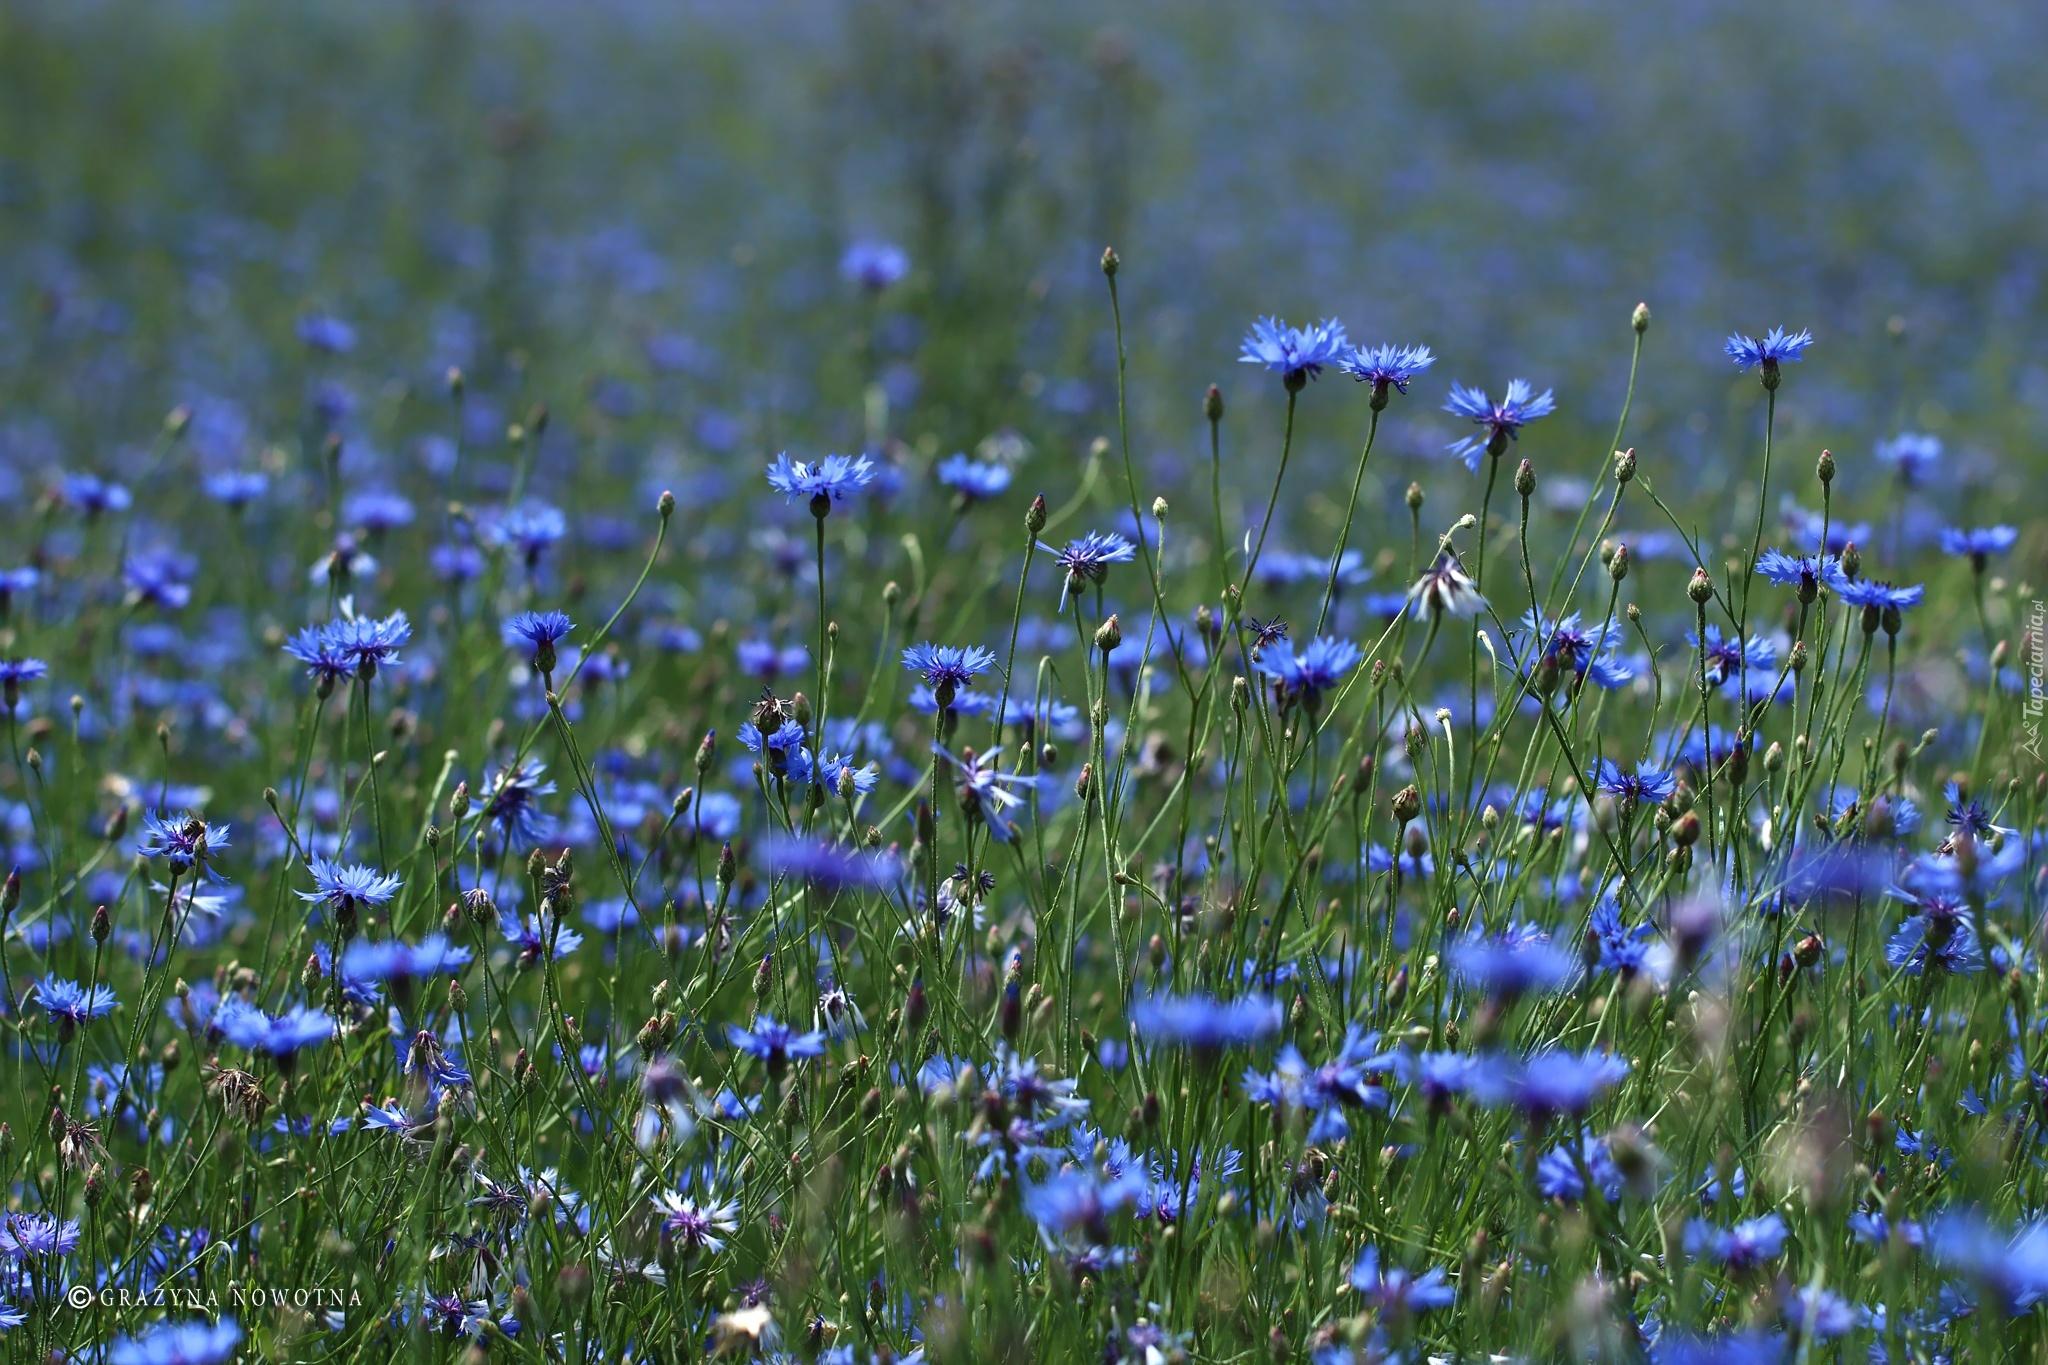 Chabry Niebieskie Kwiaty Laka